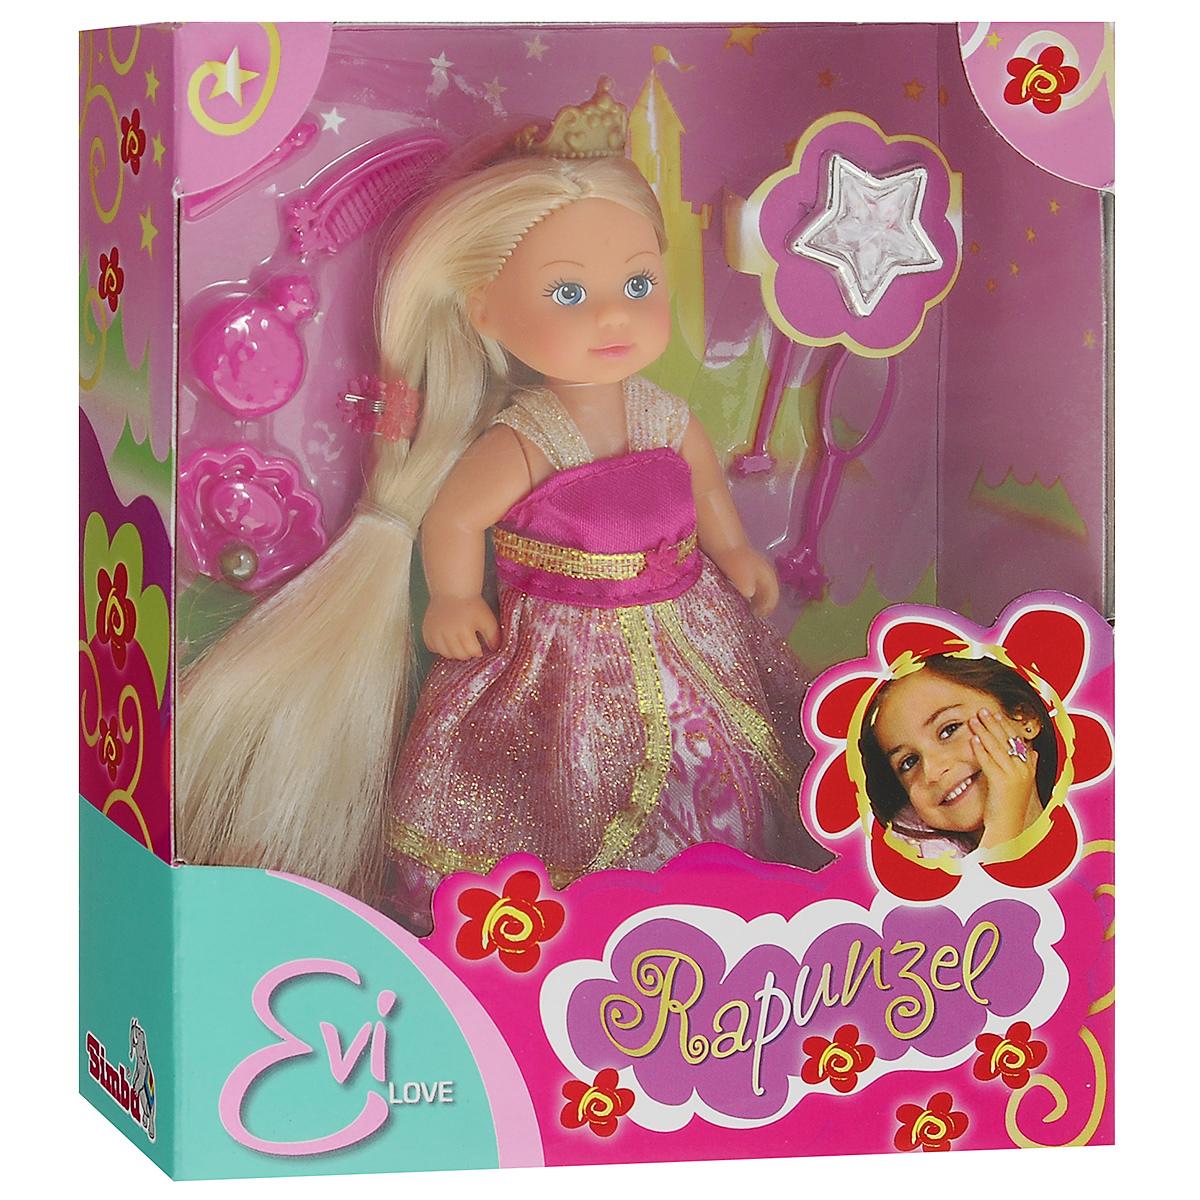 Simba Мини-кукла Еви Rapunzel simba мини кукла еви в летней одежде цвет розовый